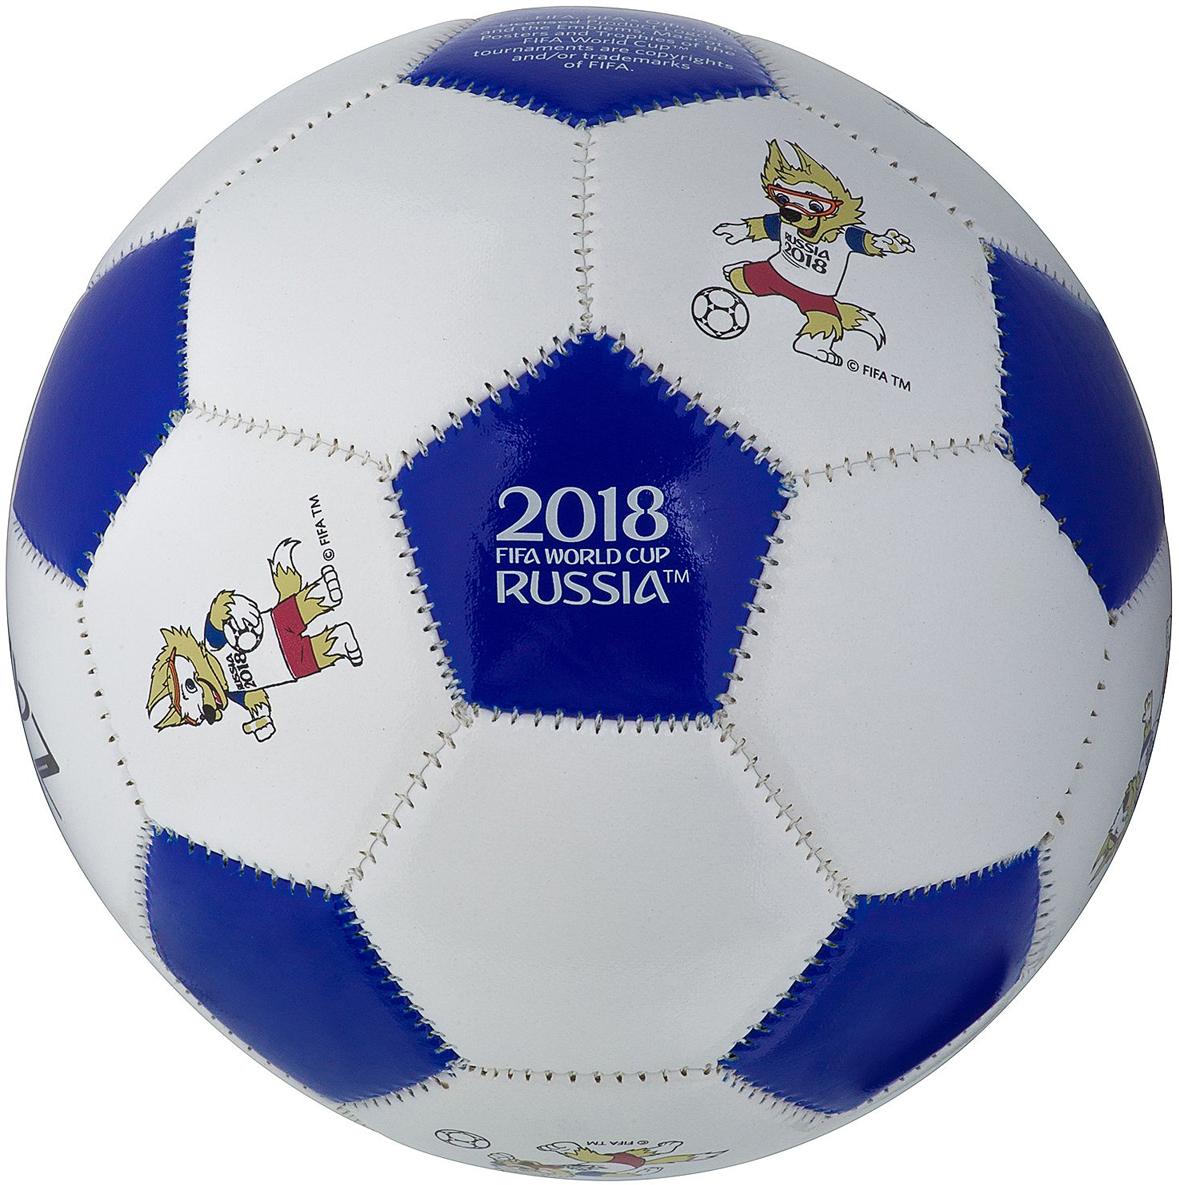 Яркий мяч - отличный подарок ребёнку. Несомненно подарит массу эмоций. Также хороший подарок для любителей футбола и болельщиков постарше, они будут не менее рады такому презенту.